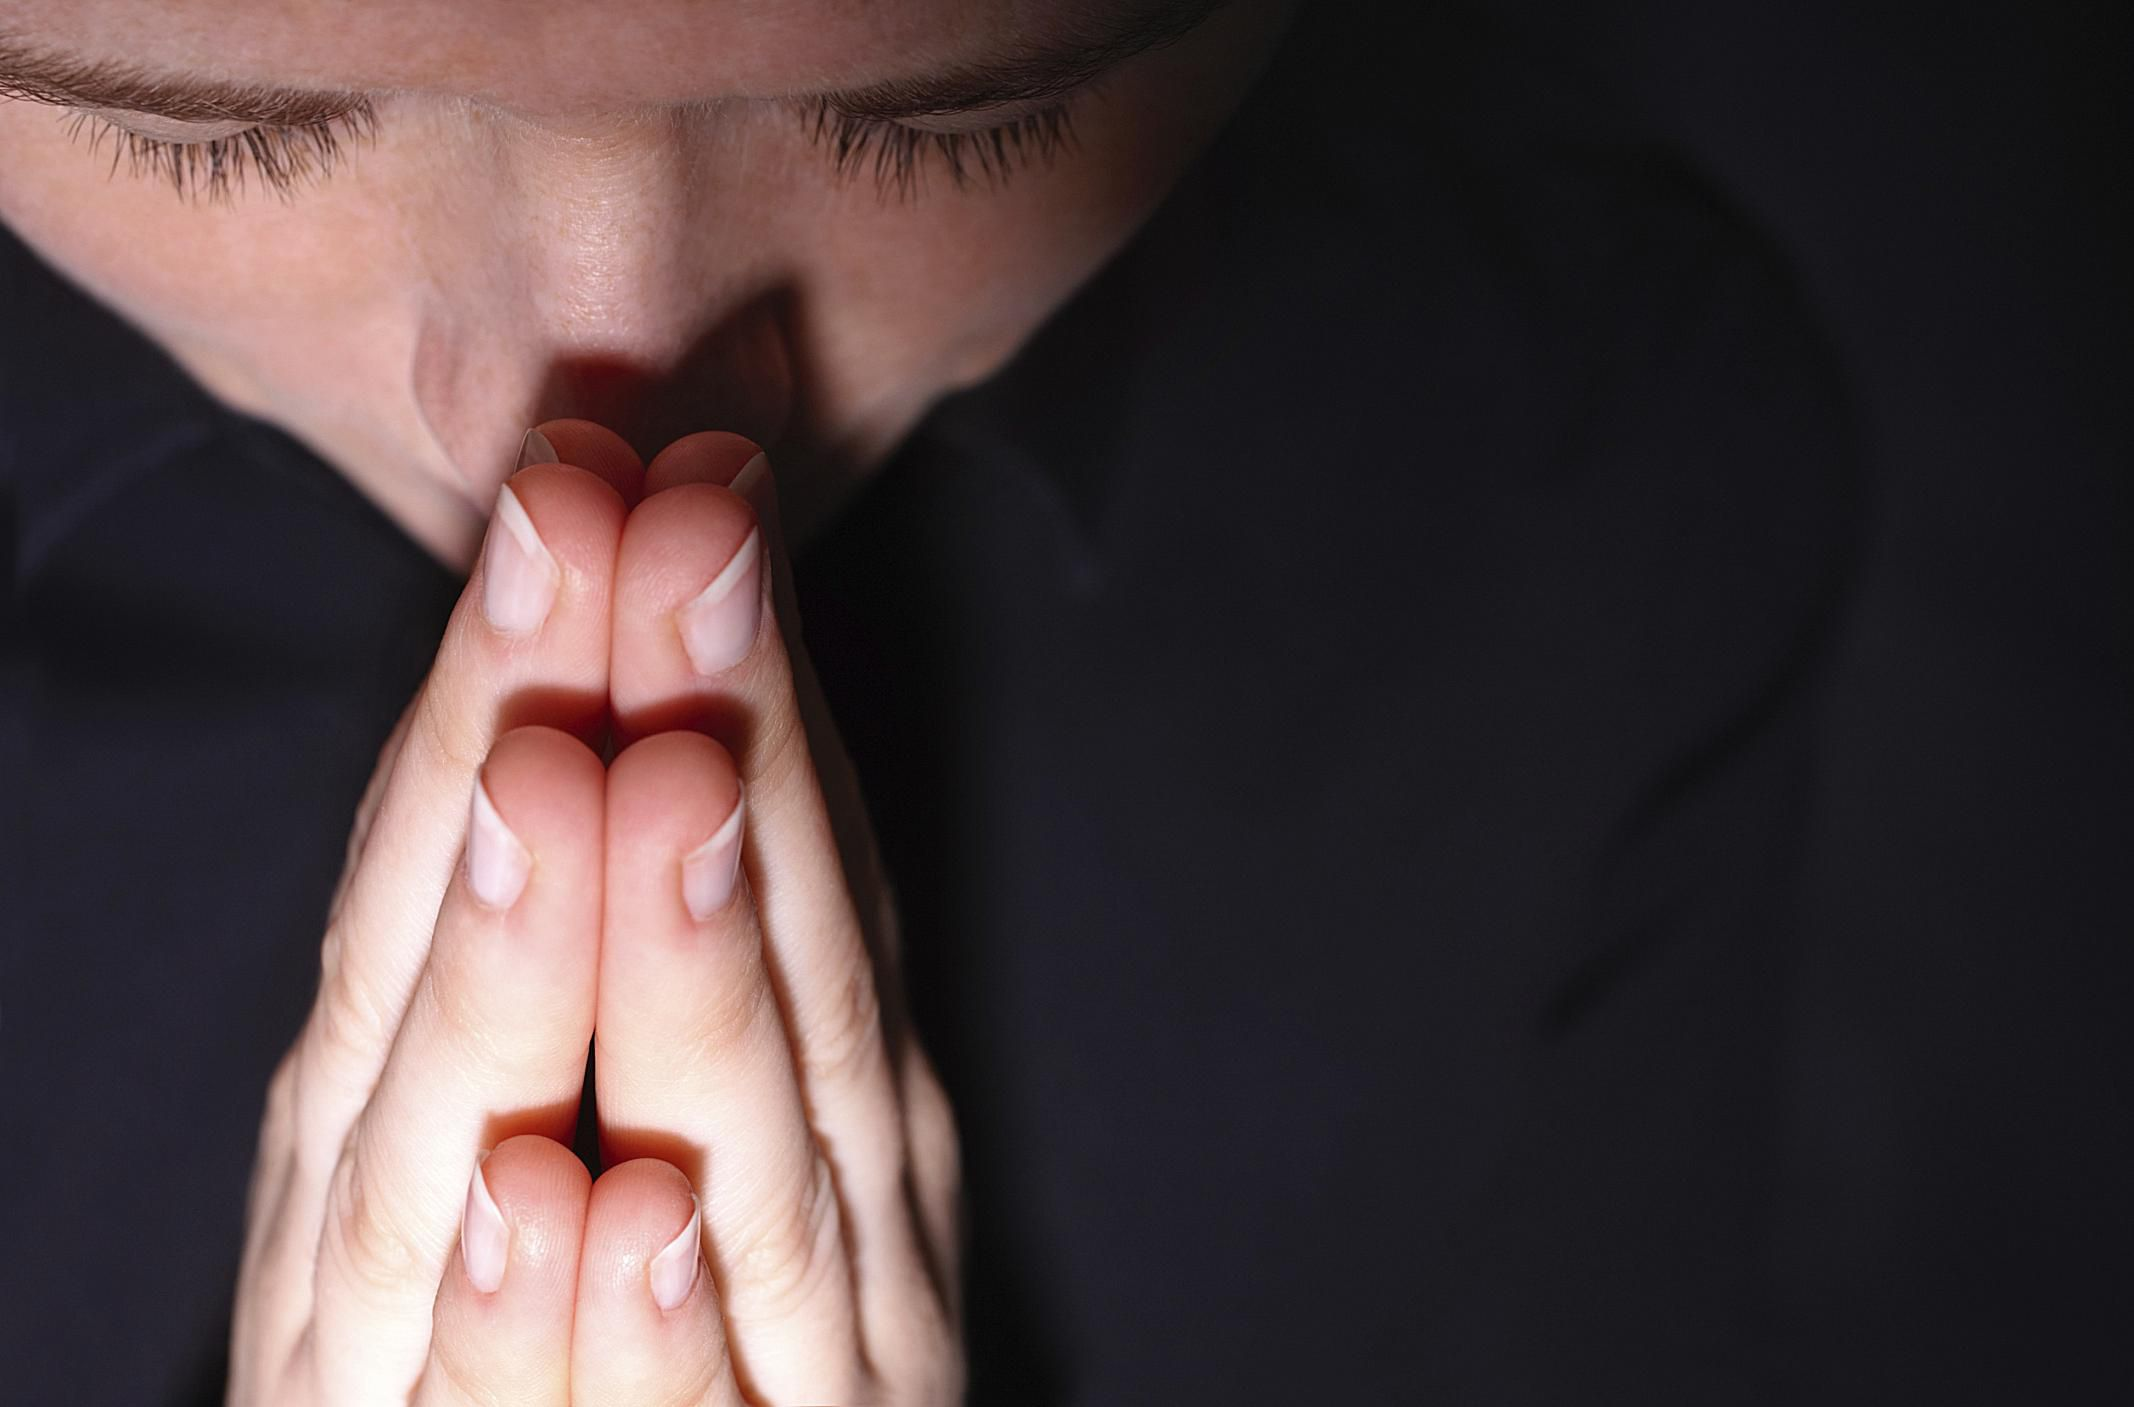 Persona joven con gesto de estar rezando